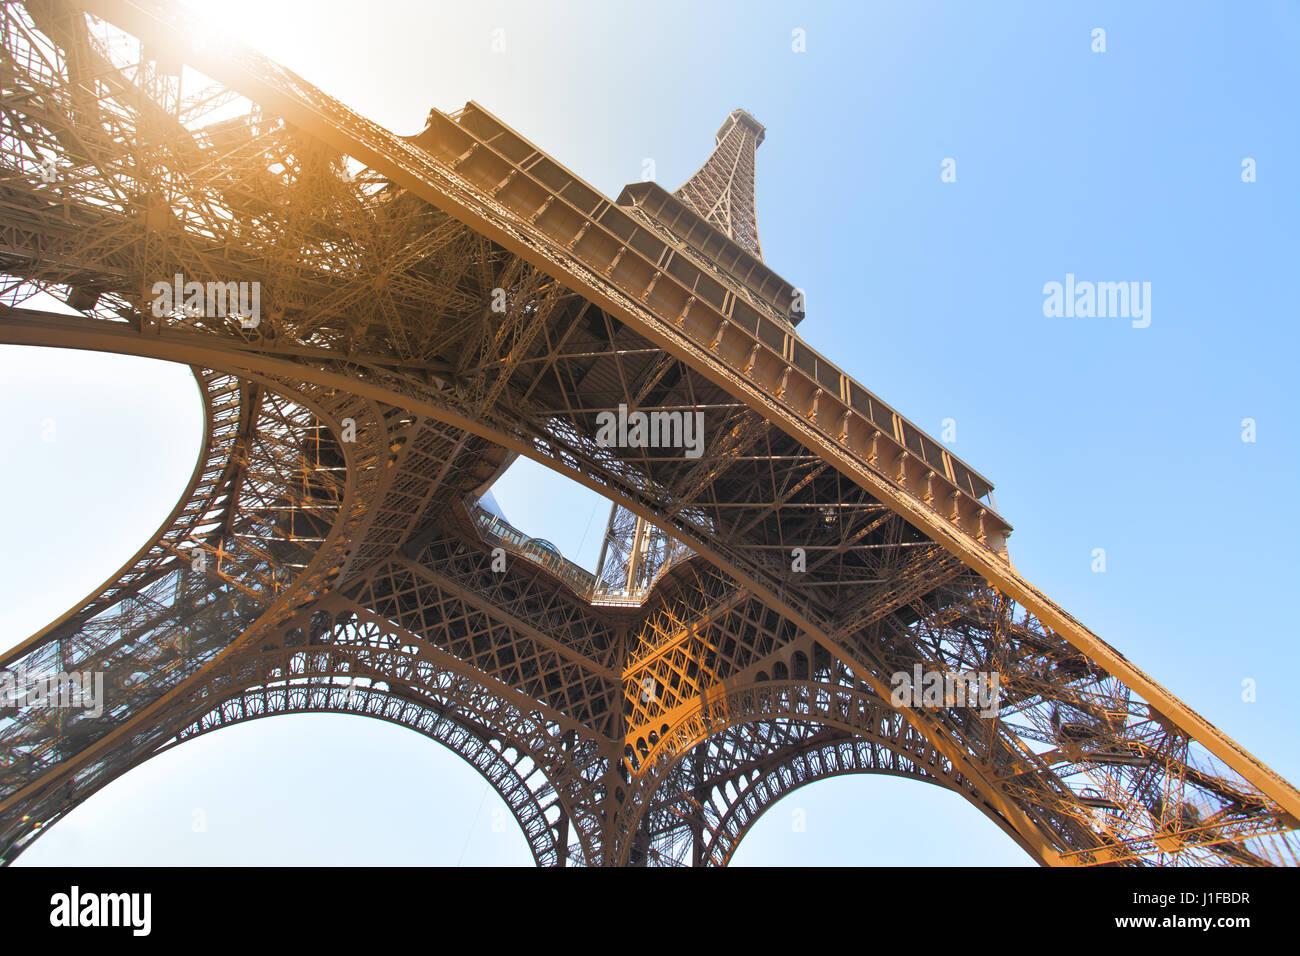 Angolazione della Torre Eiffel a Parigi, Francia Immagini Stock